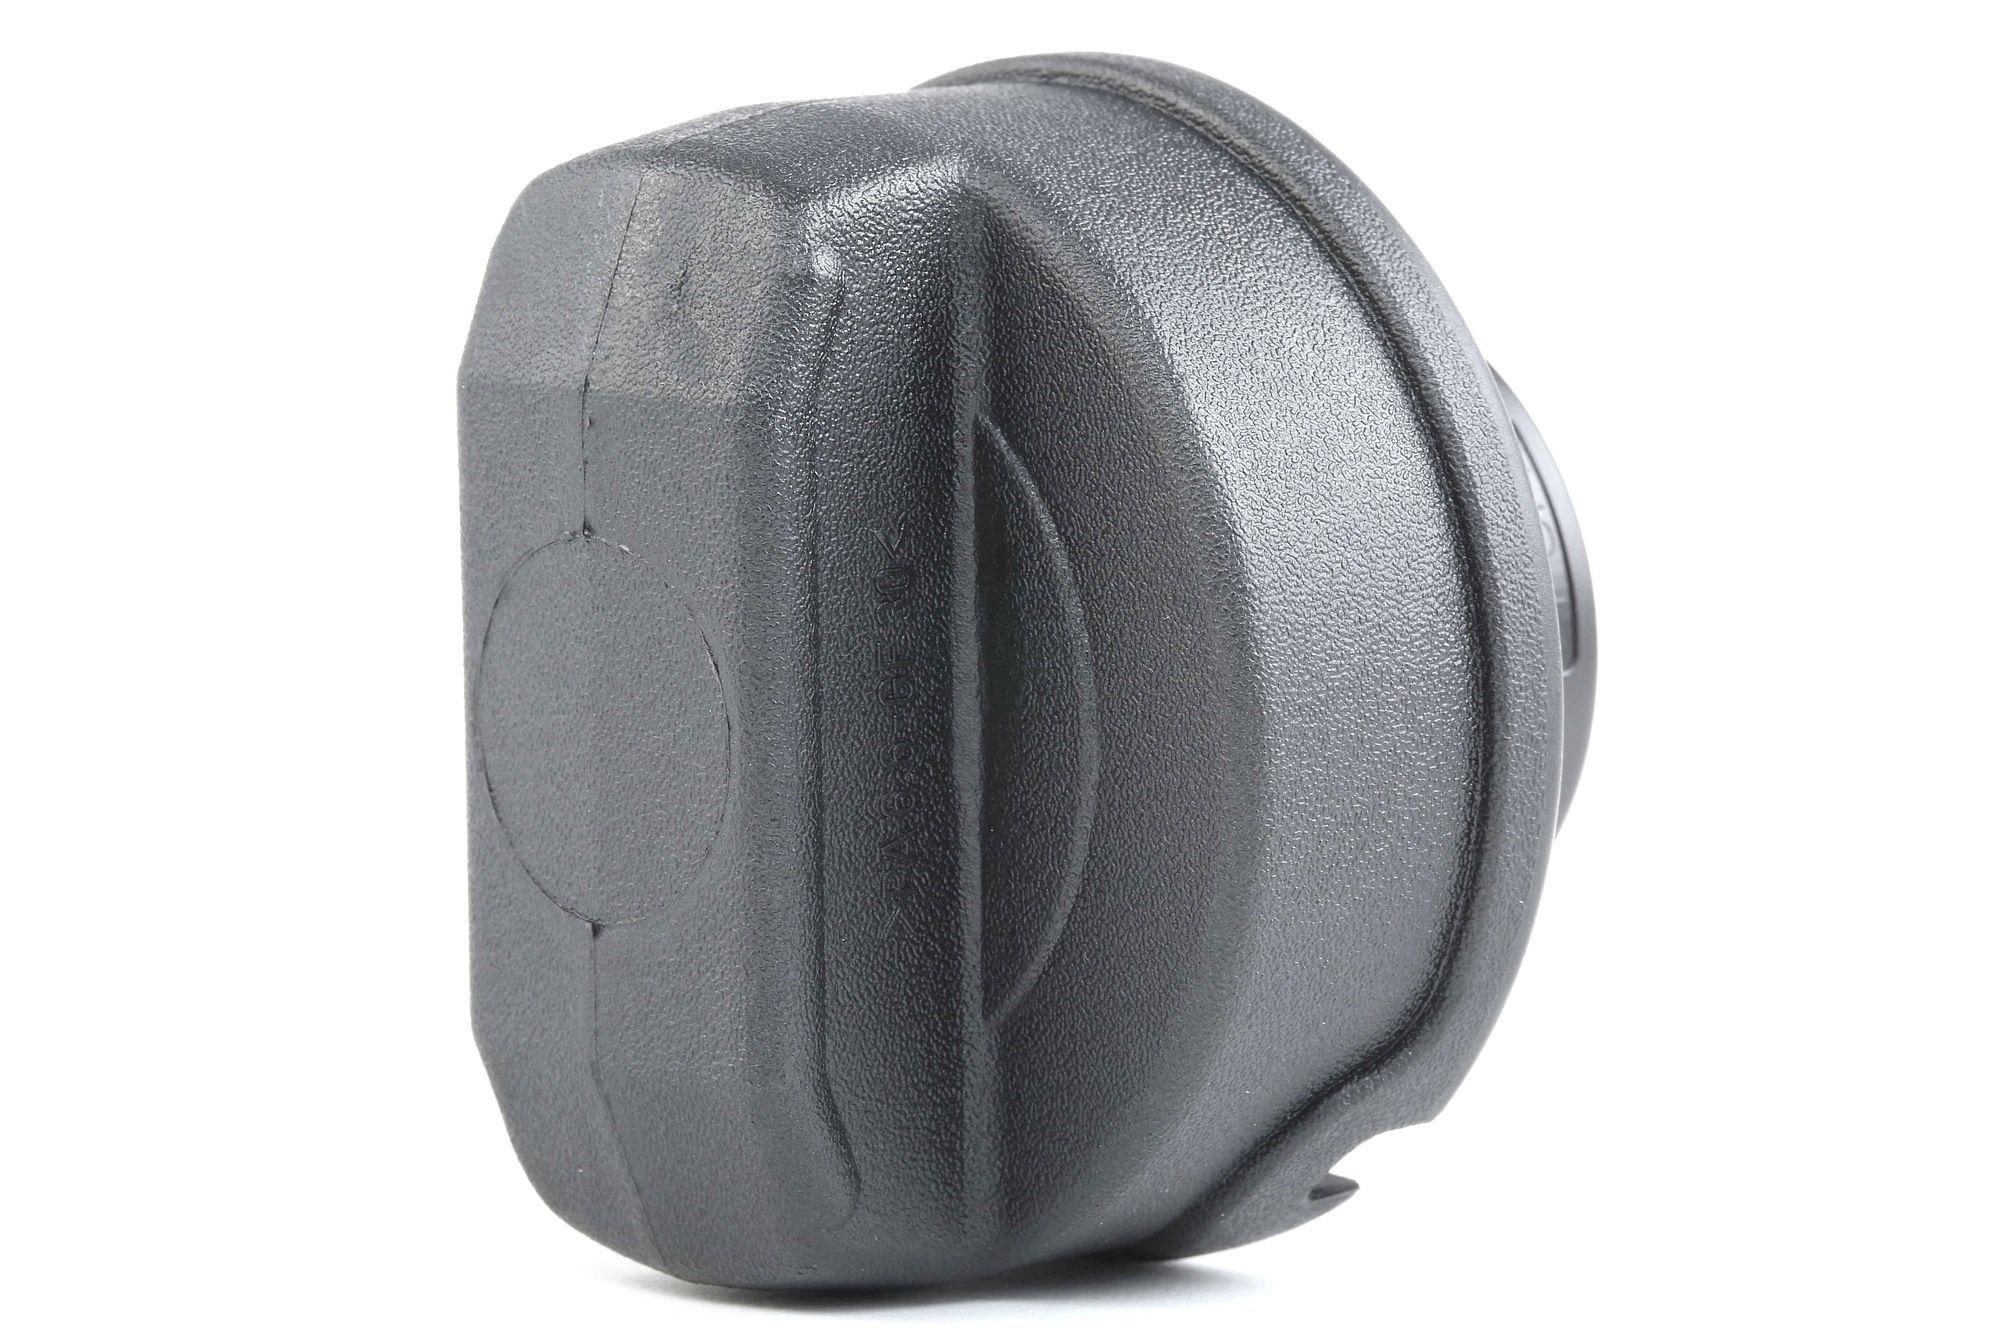 SKODA 1000 Kraftstoffbehälter und Tankverschluss - Original HELLA 8XY 004 729-101 Innendurchmesser: 44,5mm